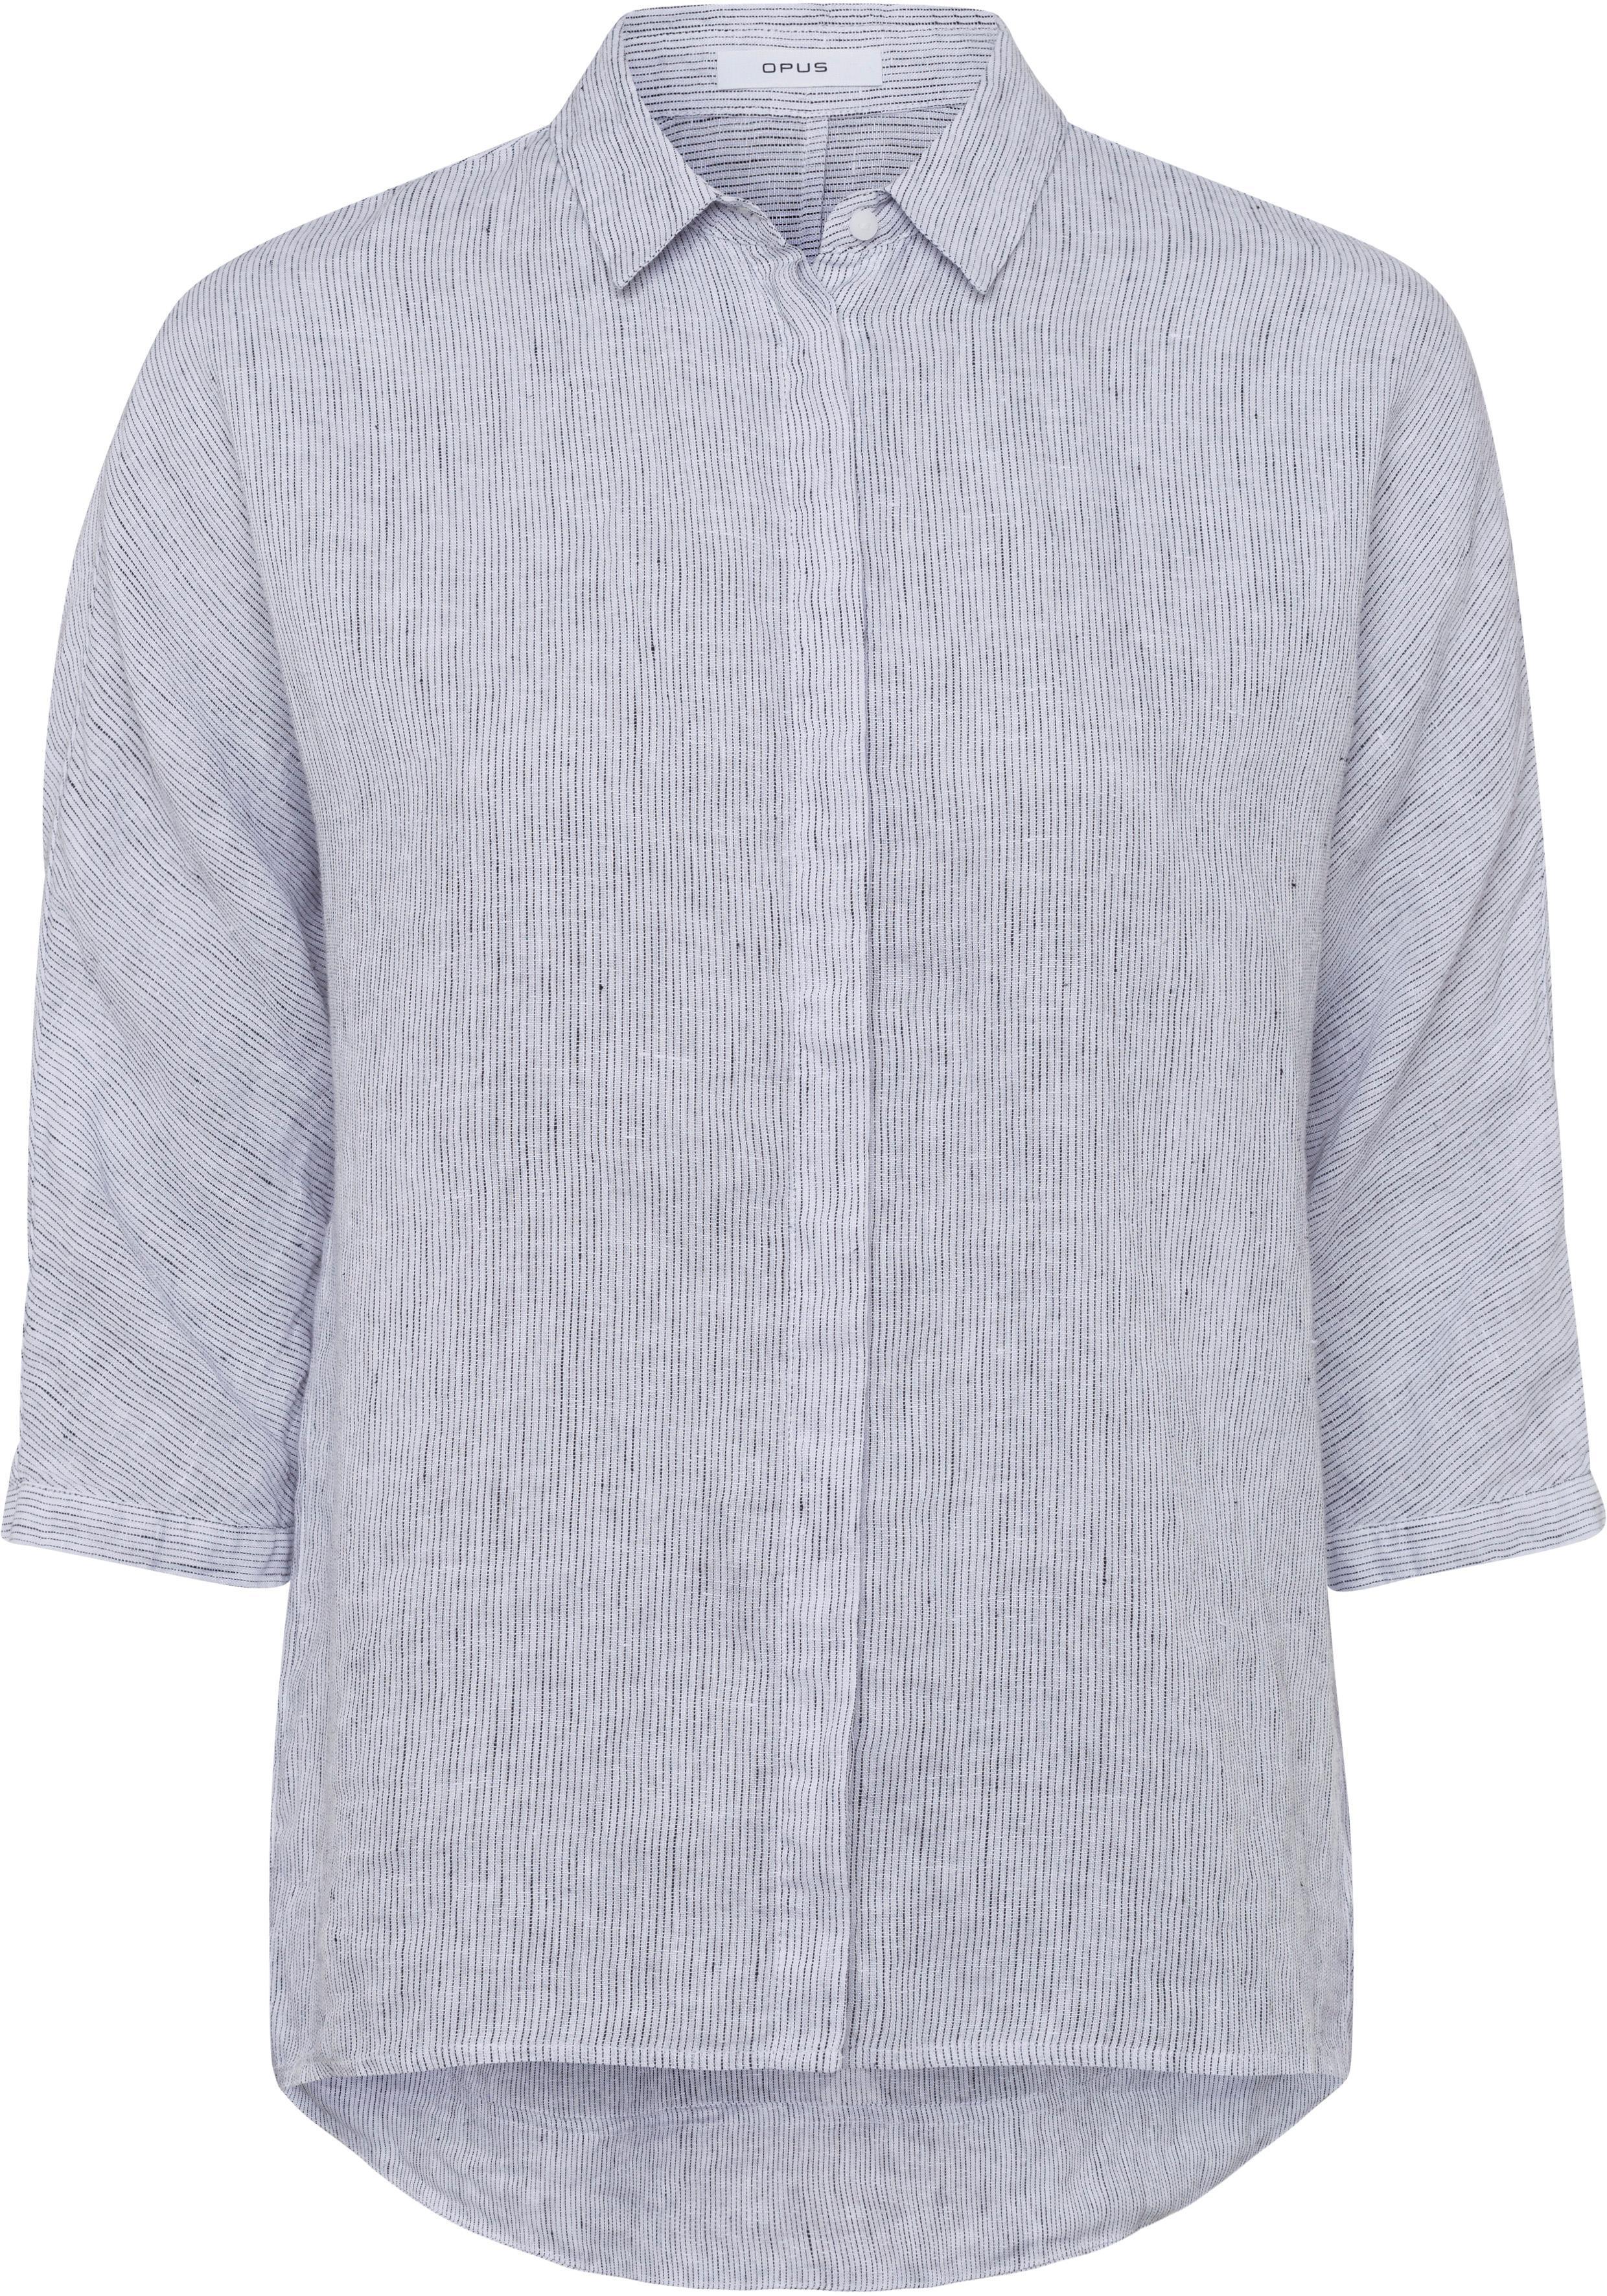 heiß-verkauf freiheit Großhandelsverkauf neu kaufen OPUS Hemdbluse »Frona«